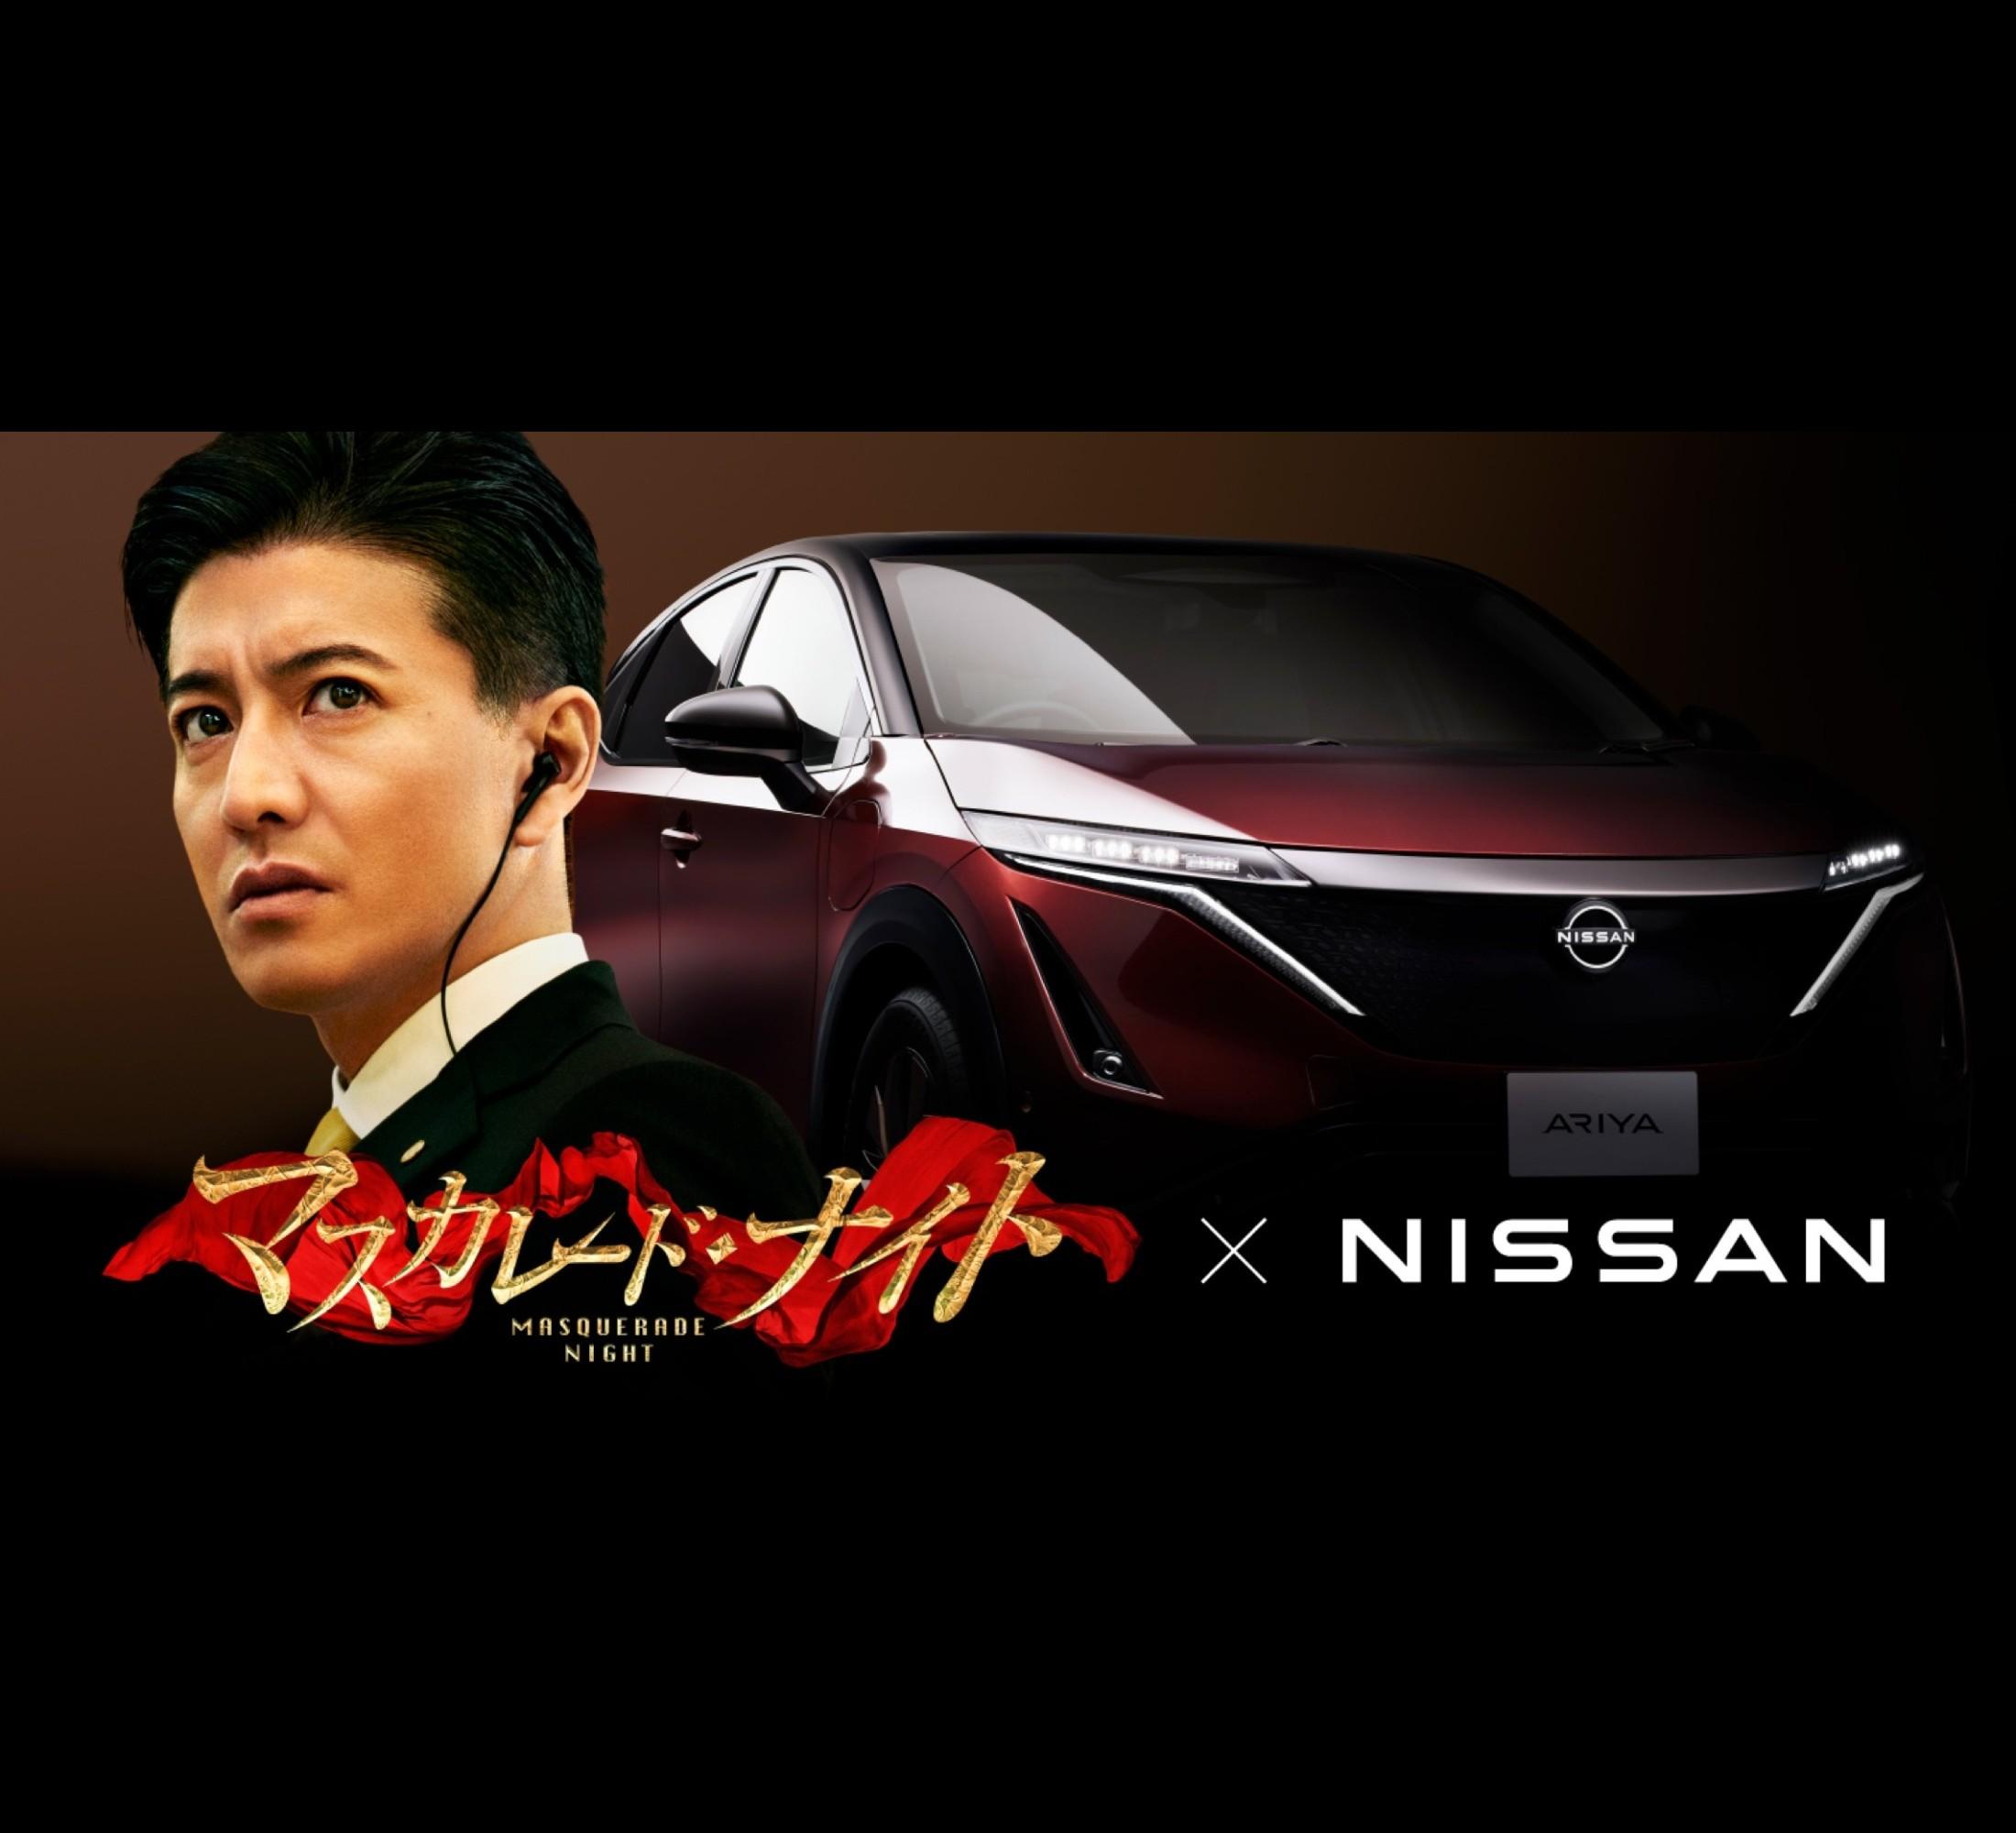 木村拓哉主演電影「假面飯店:假面之夜」與日產汽車合作拍攝廣告